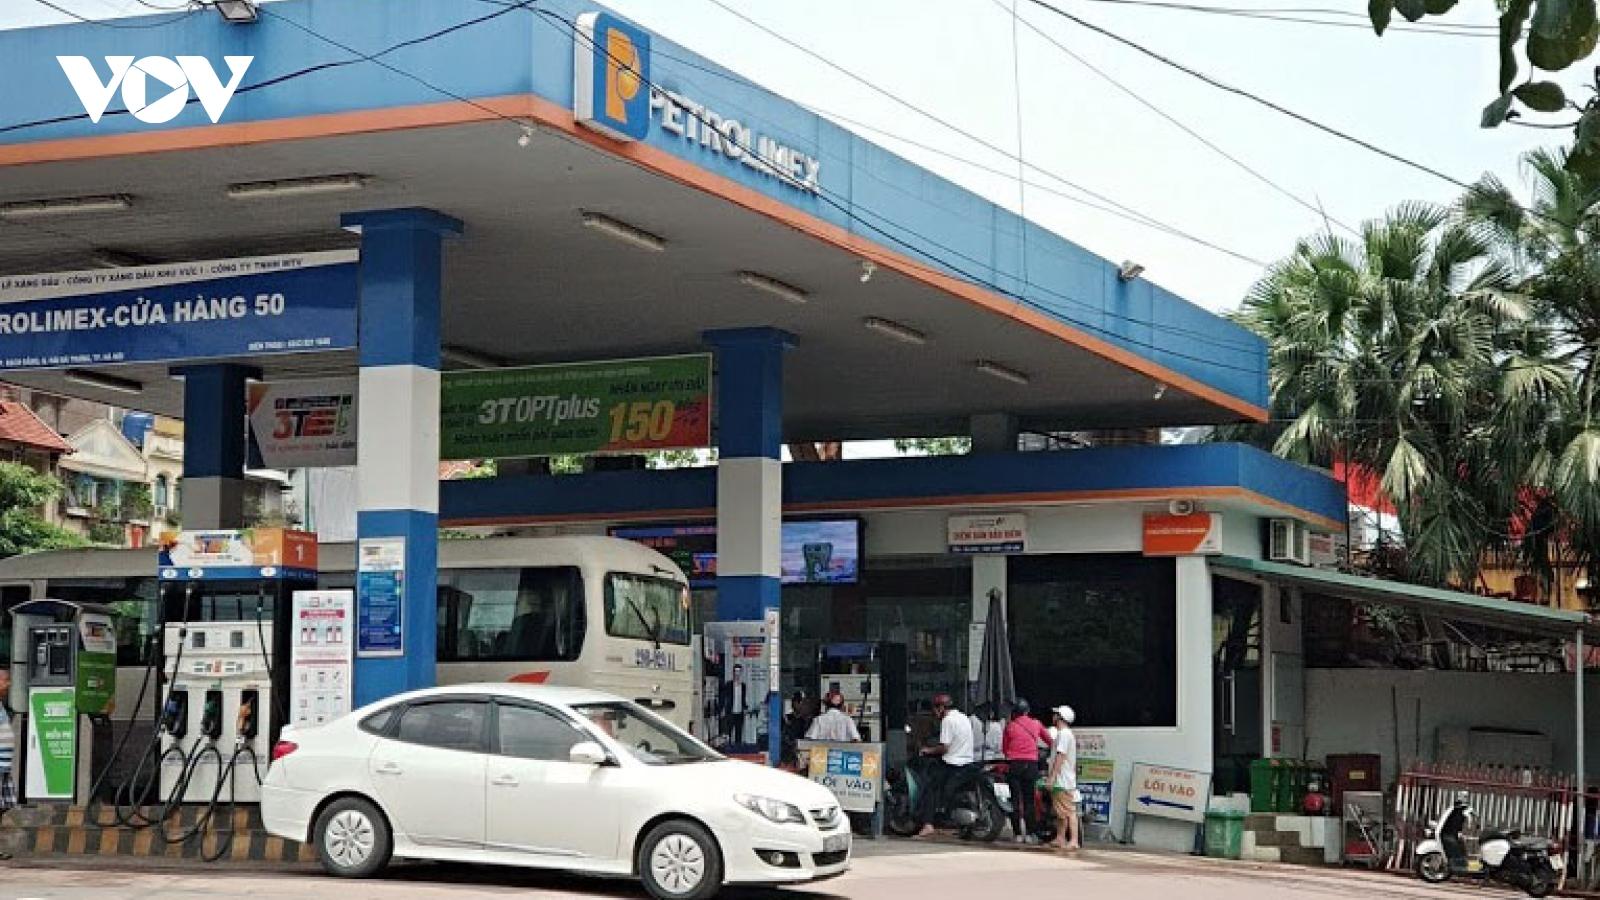 Giá xăng dầu tiếp tục được điều chỉnh tăng